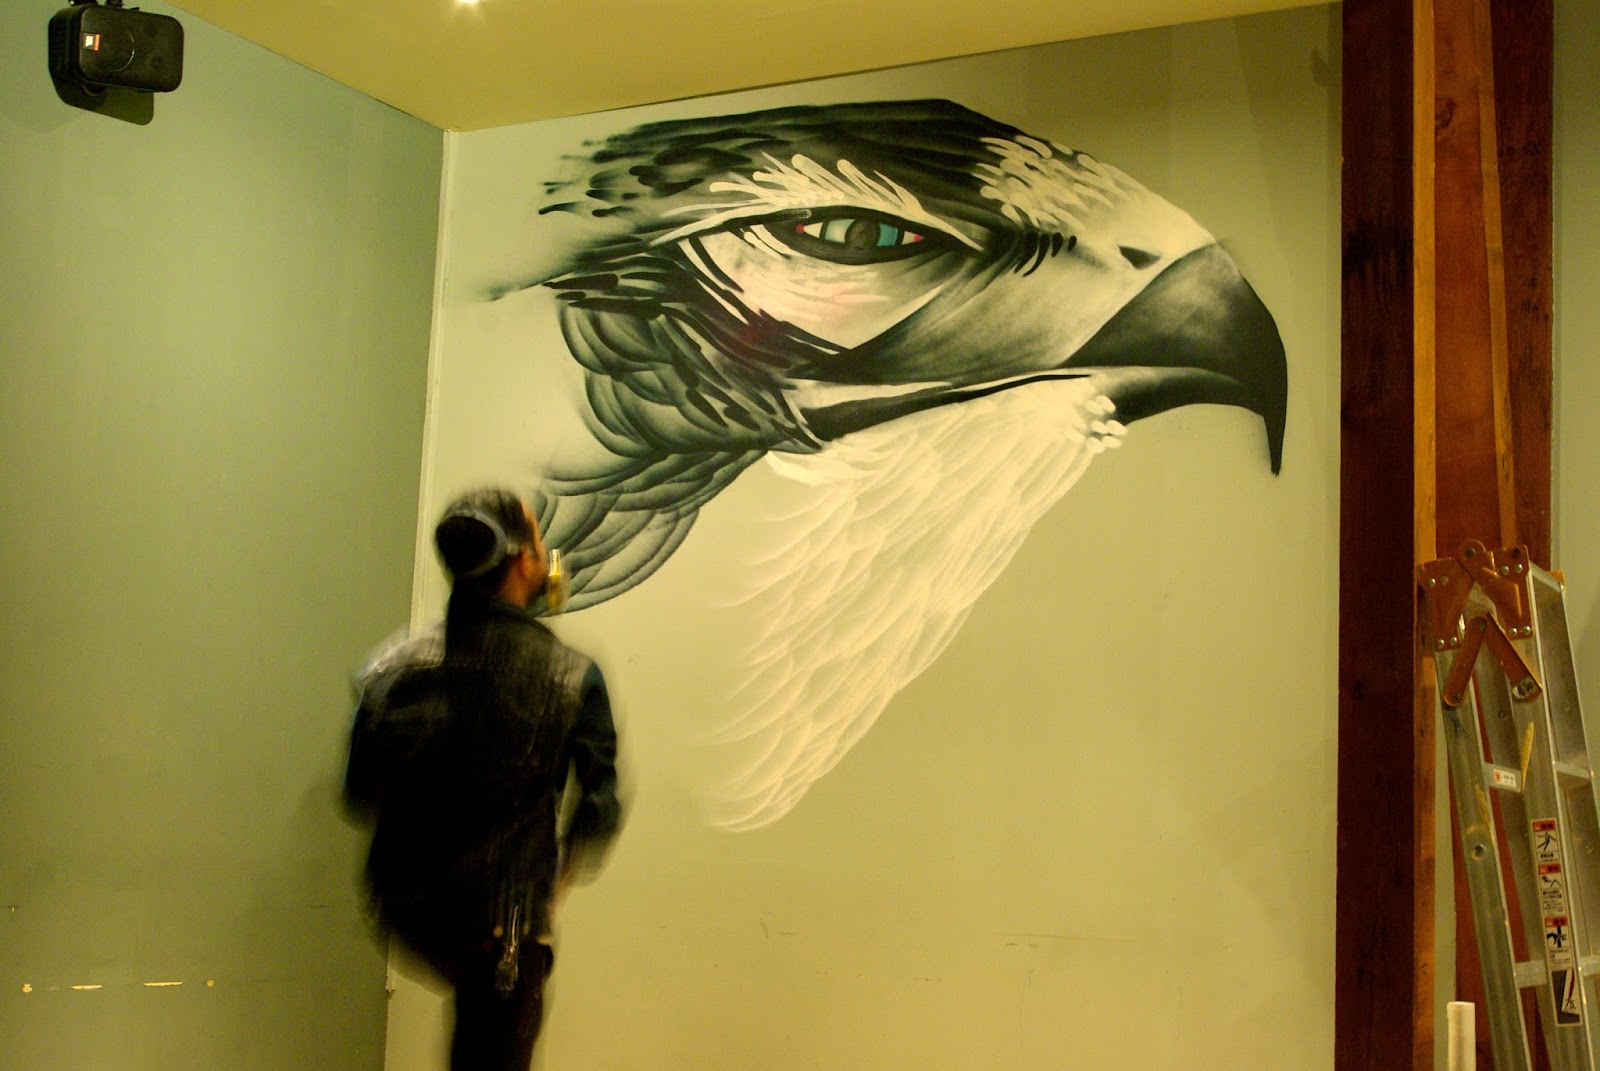 twoone-a-series-of-murals-in-nagoya-japan-05